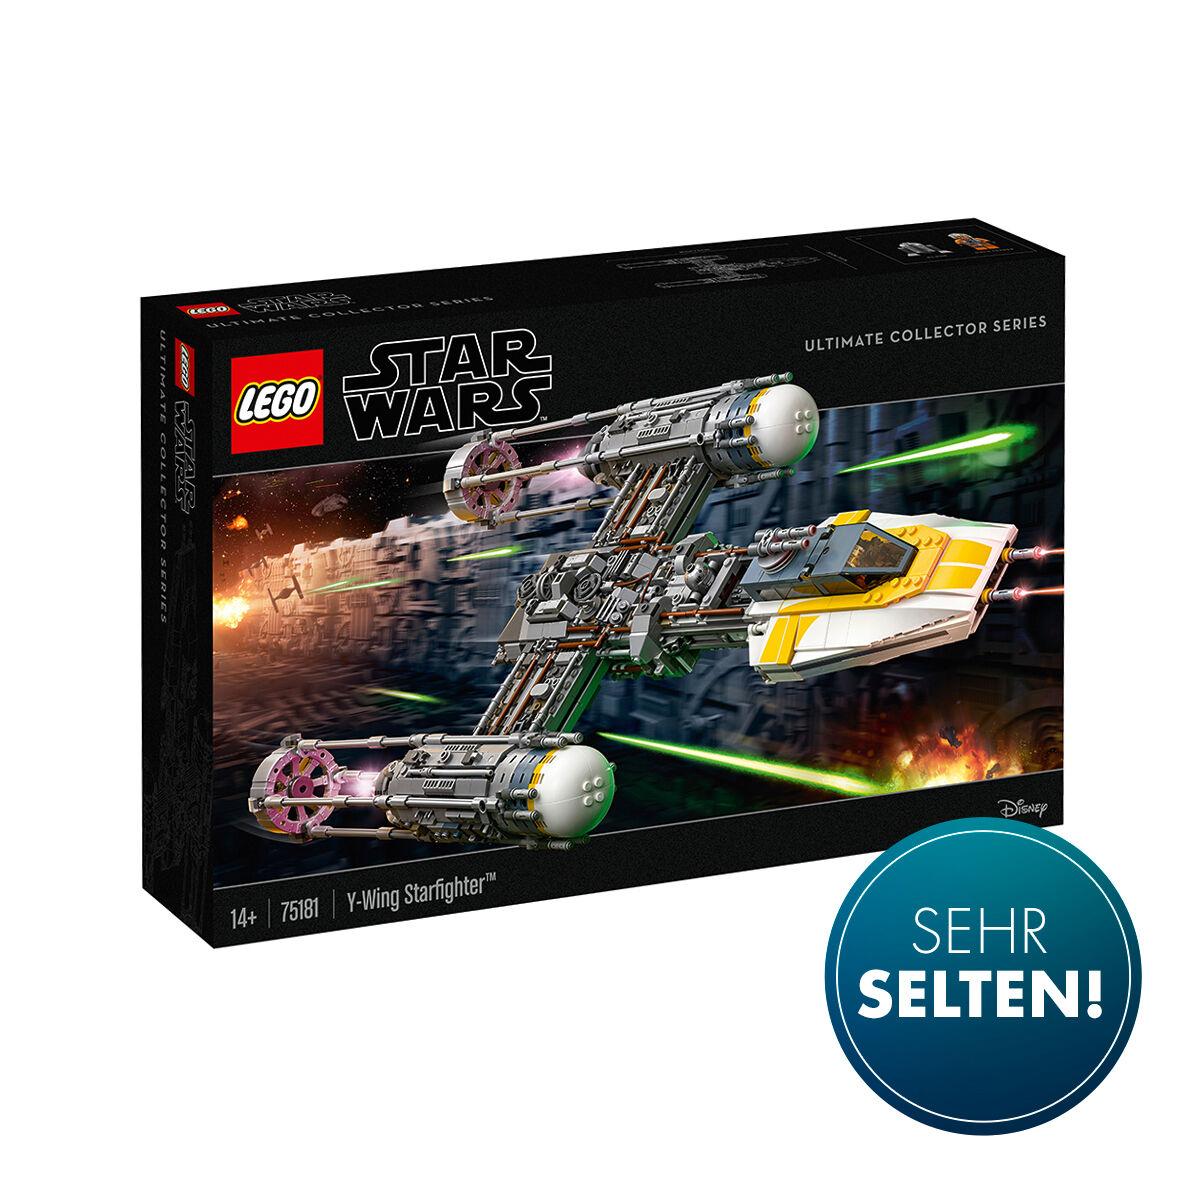 [Galeria.de] LEGO 75181 Y-Wing-Starfighter für 161,98€ mit Kundenkarte